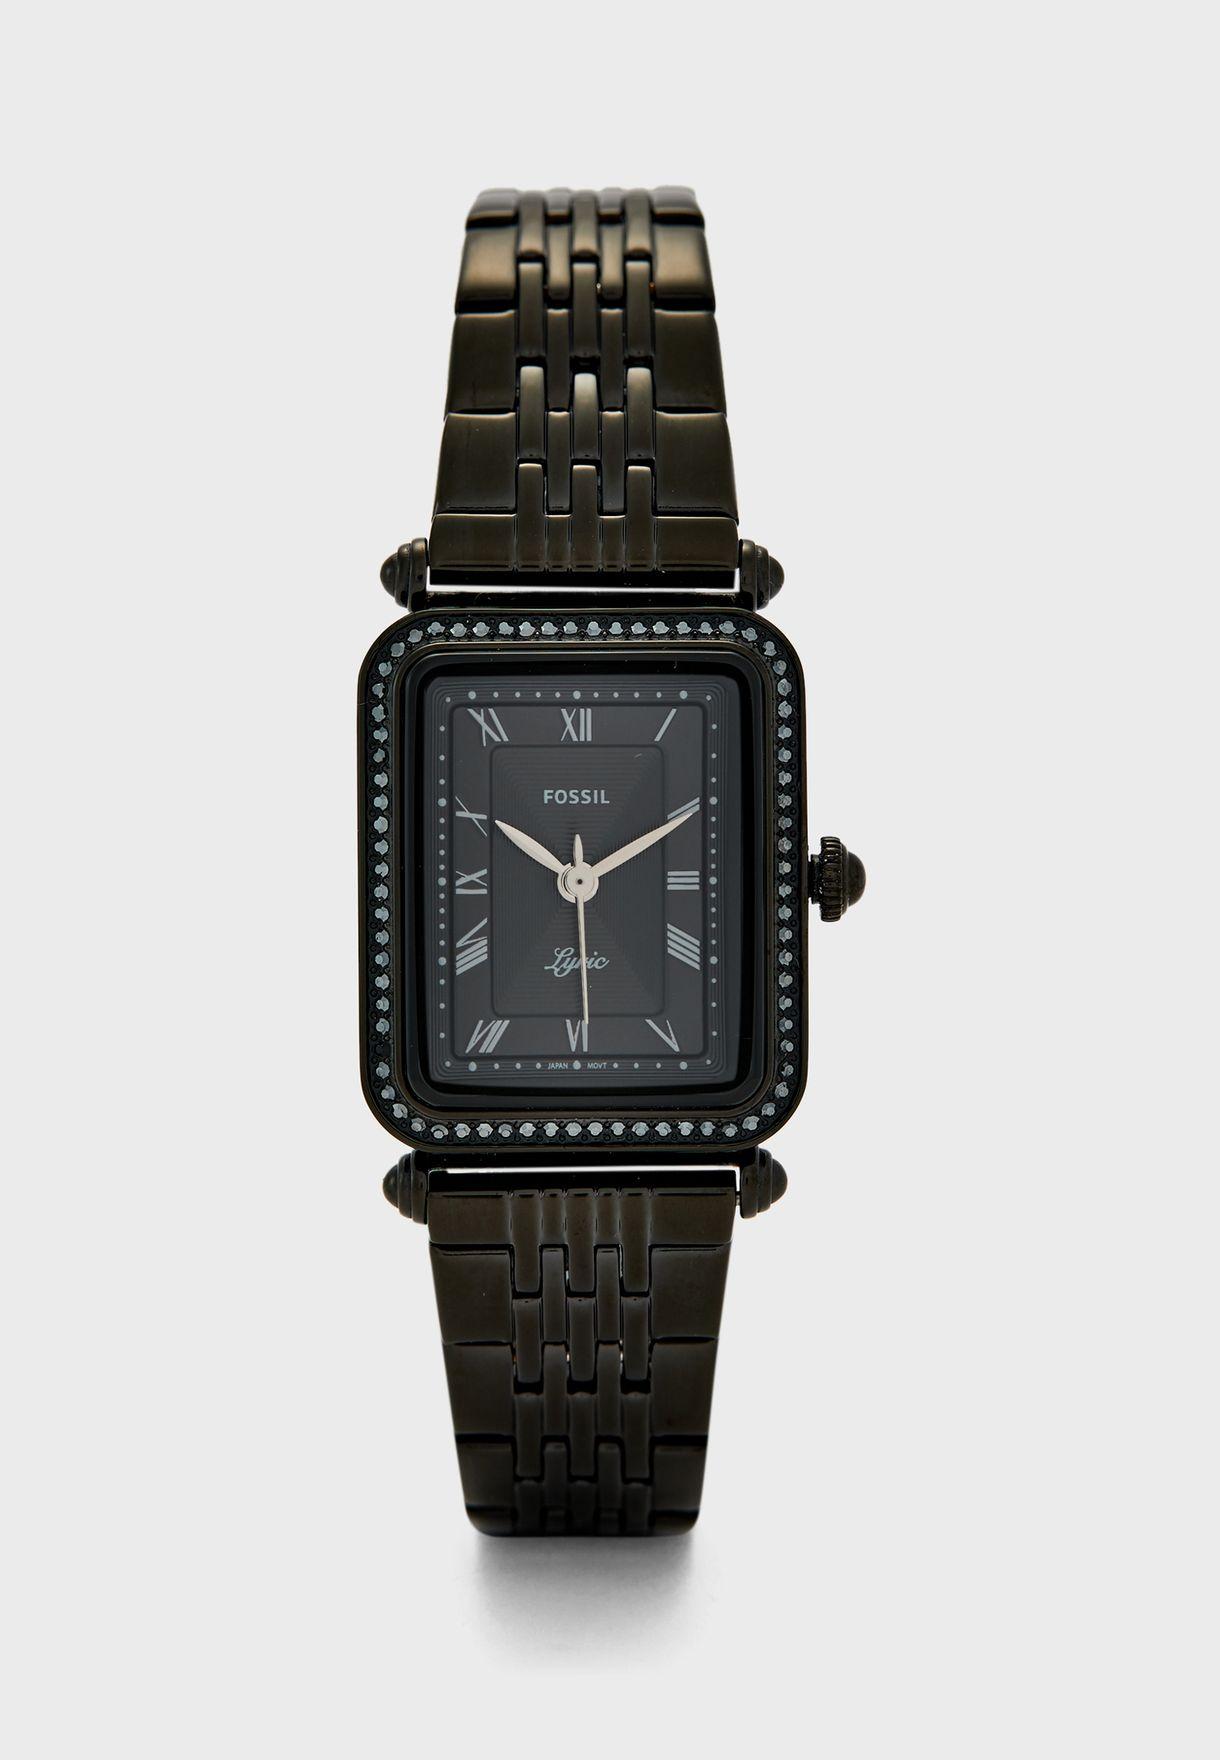 ES4722 Analog Watch